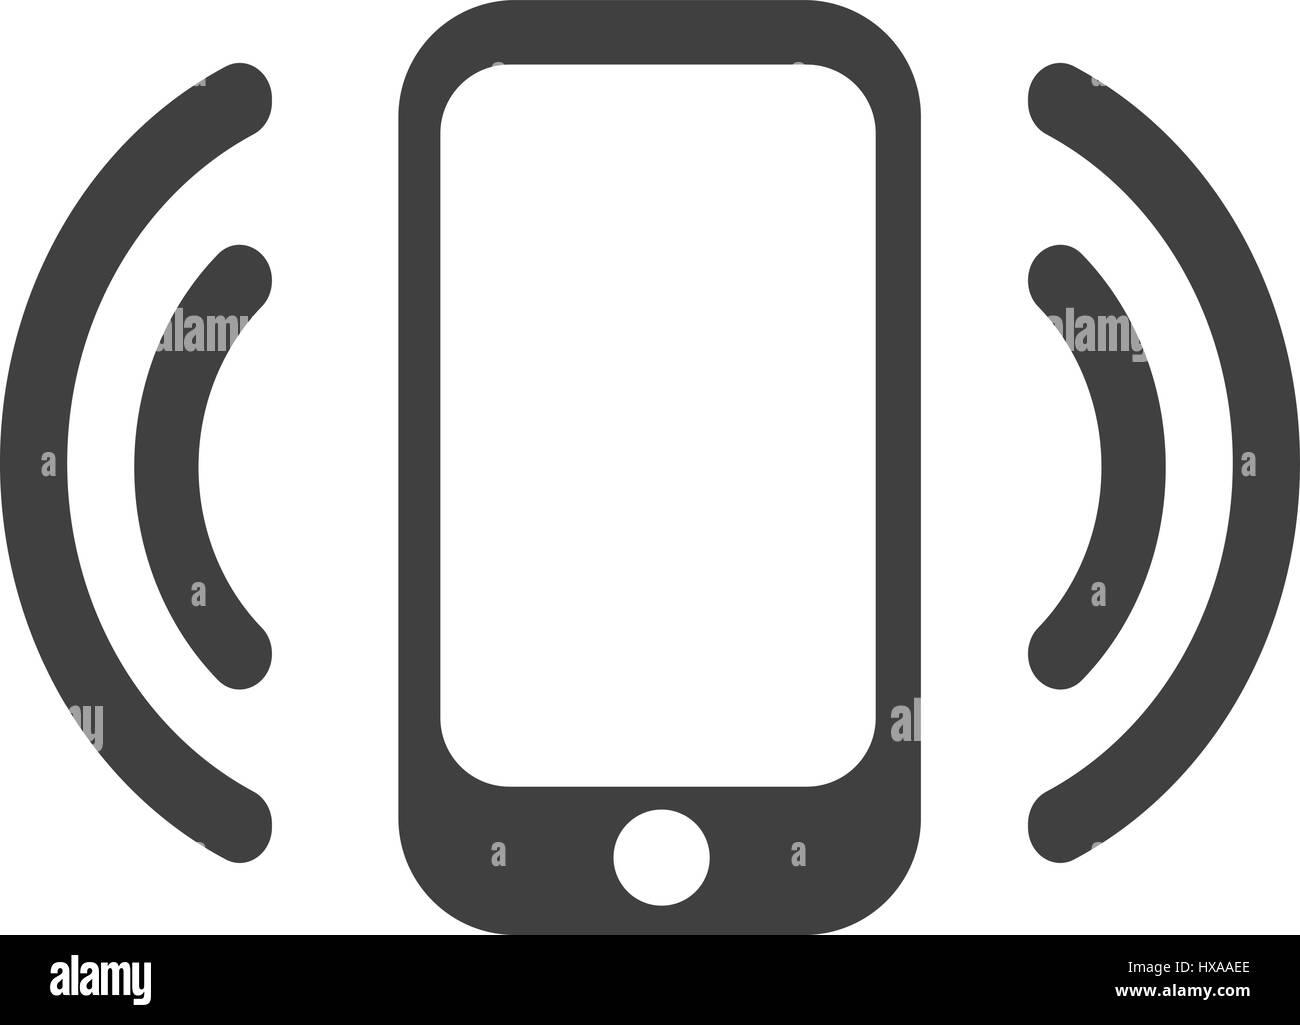 Smartphone con icono de wi-fi Imagen De Stock